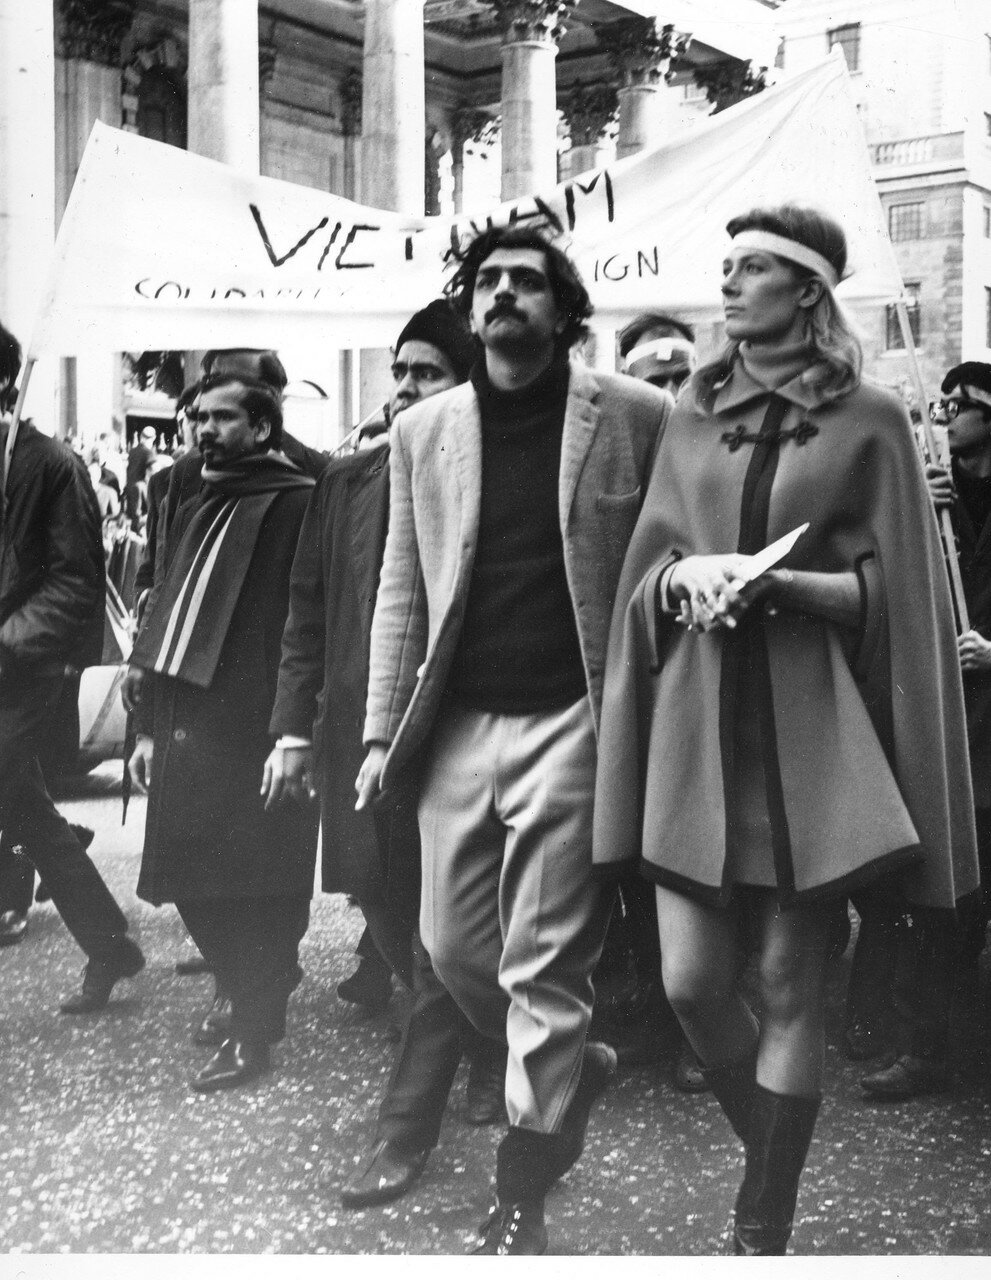 1966. Актриса Ванесса Редгрейв в колонне демонстрантов против Вьетнамской войны идет в сторону посольства США на Гросвенор-сквер после массового митинга на Трафальгарской площади